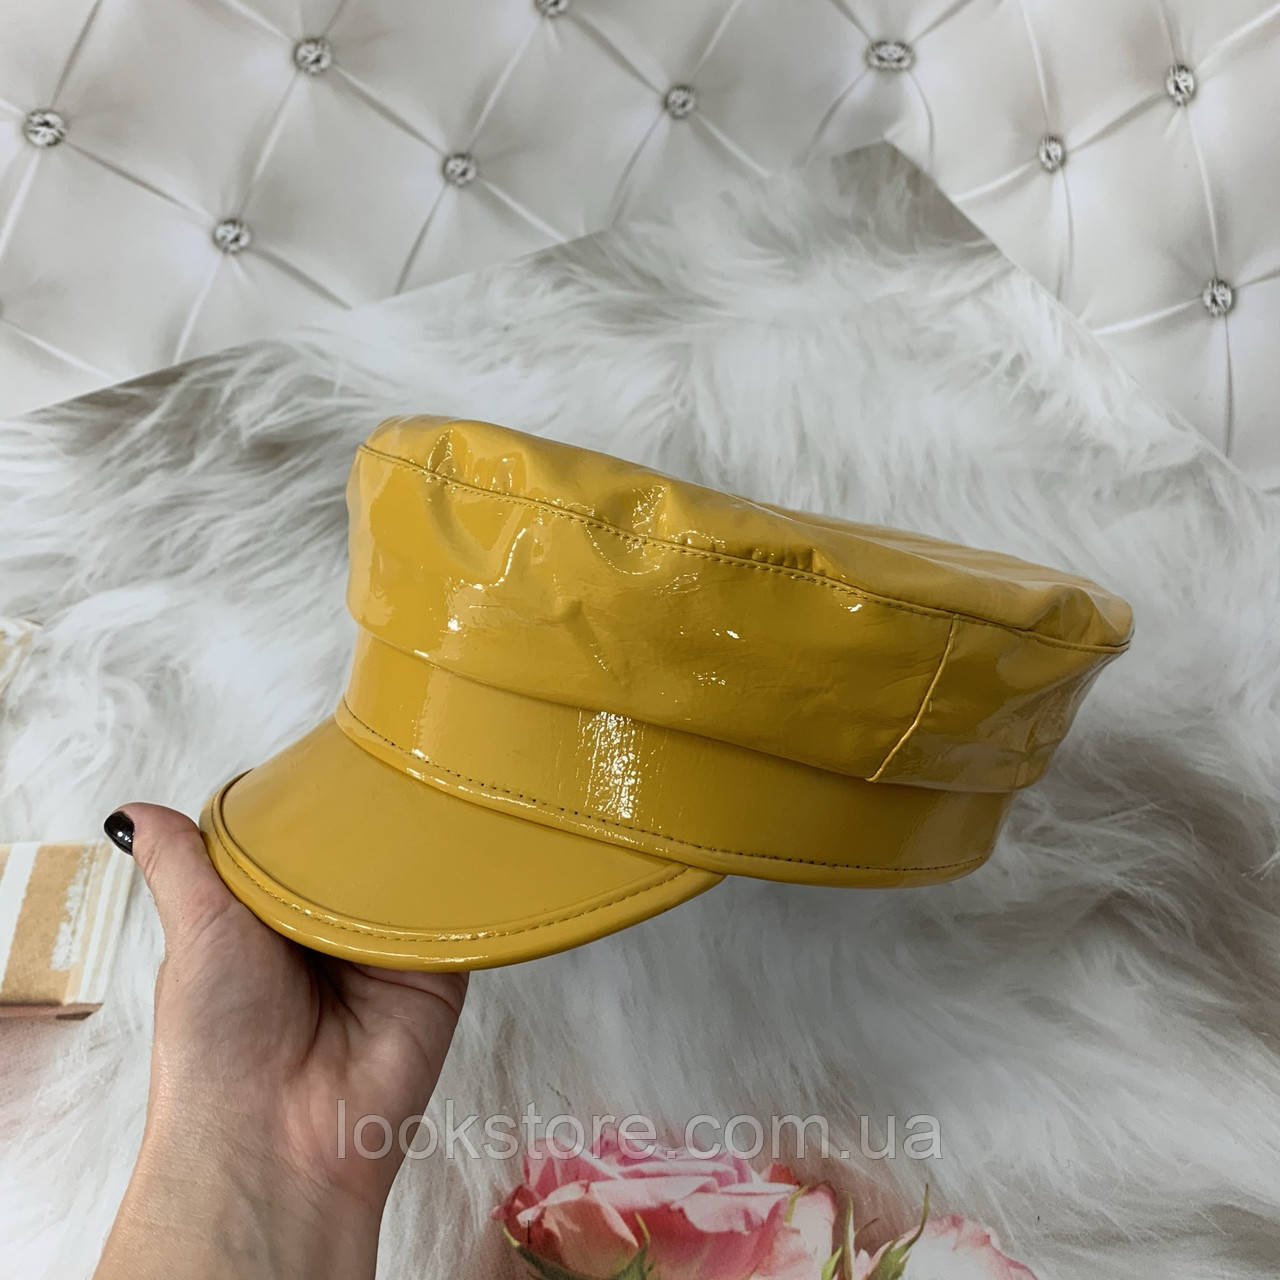 Женский картуз, кепи, фуражка лаковый желтый